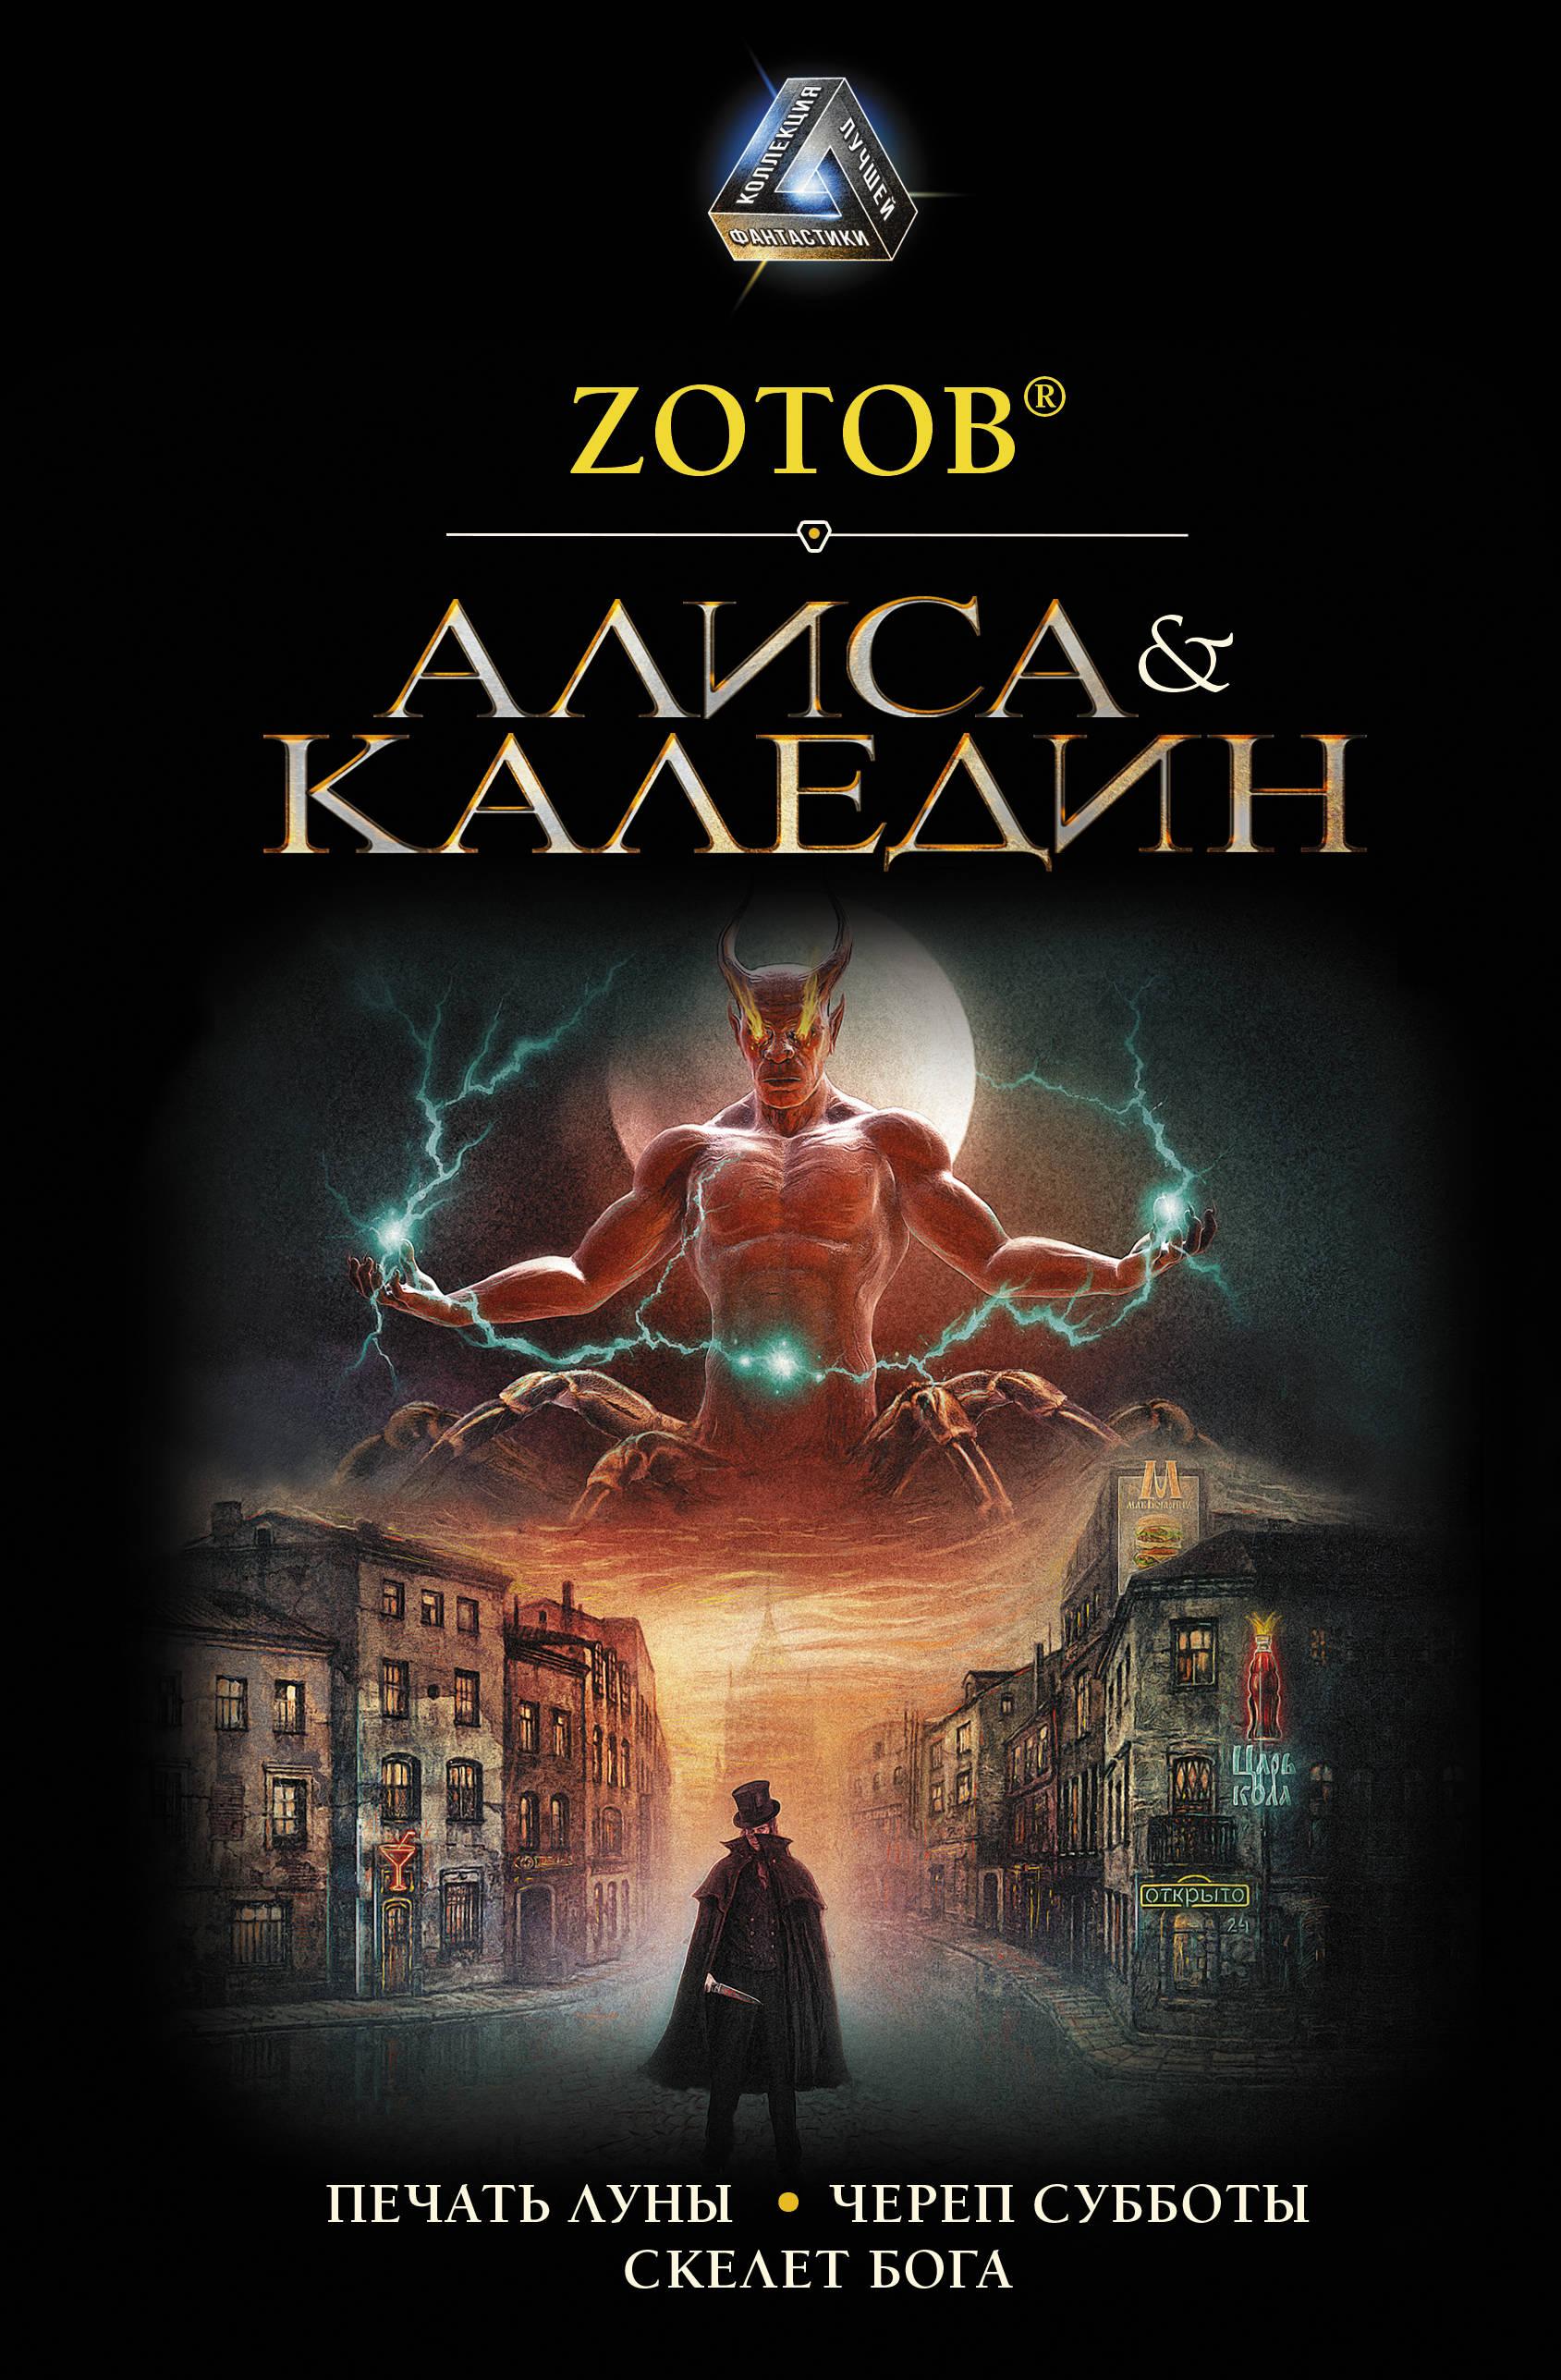 Георгий Зотов Алиса & Каледин